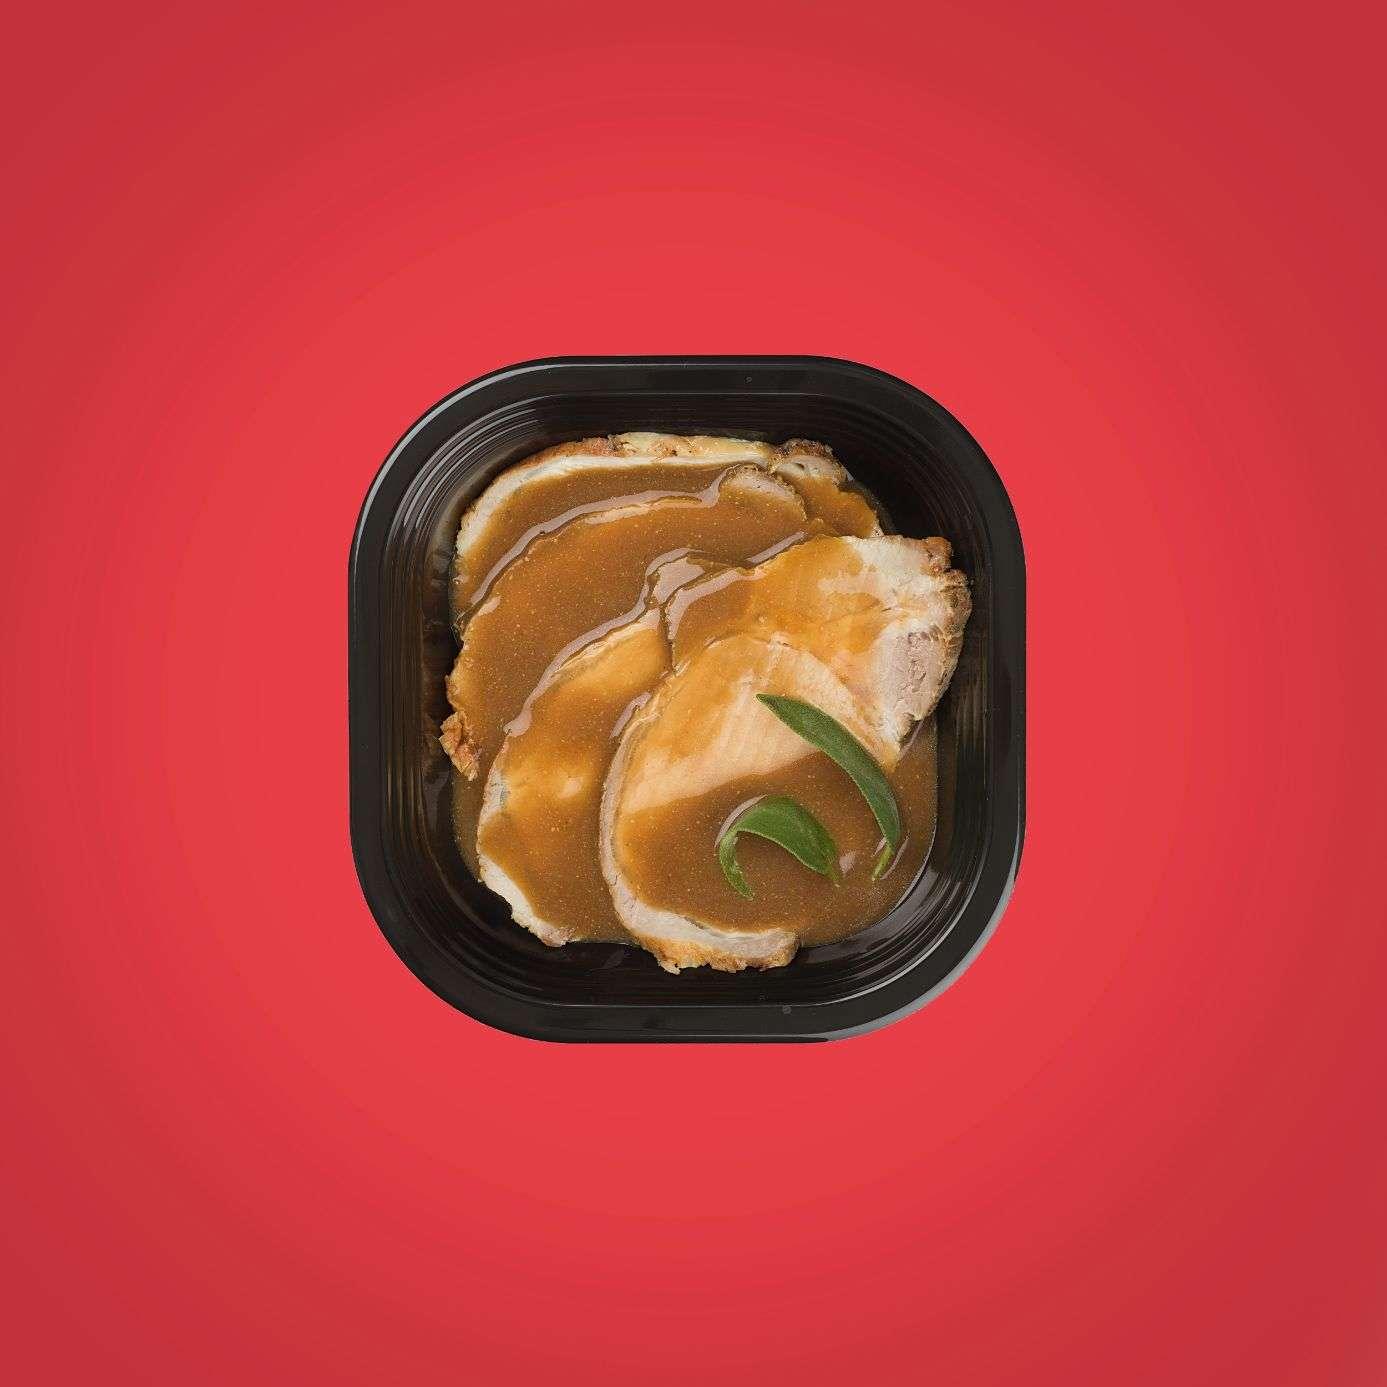 lonza di maiale alla senape piatto pronto a domicilio senza glutine